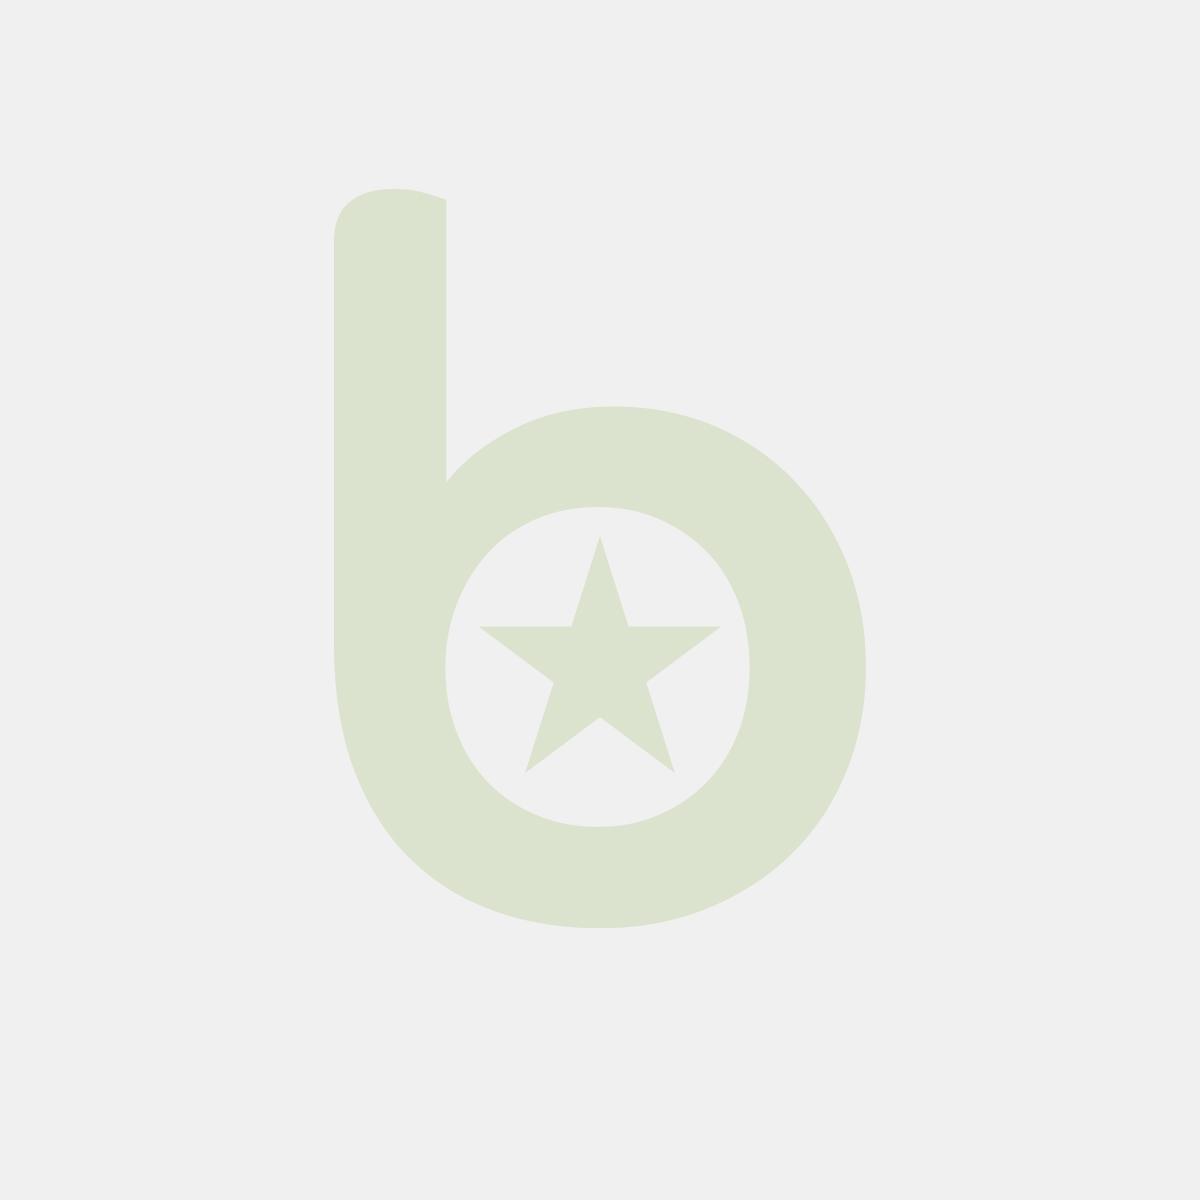 Taśma ostrzegawcza Q-CONNECT, 48mm, 20m, czarno-żółta